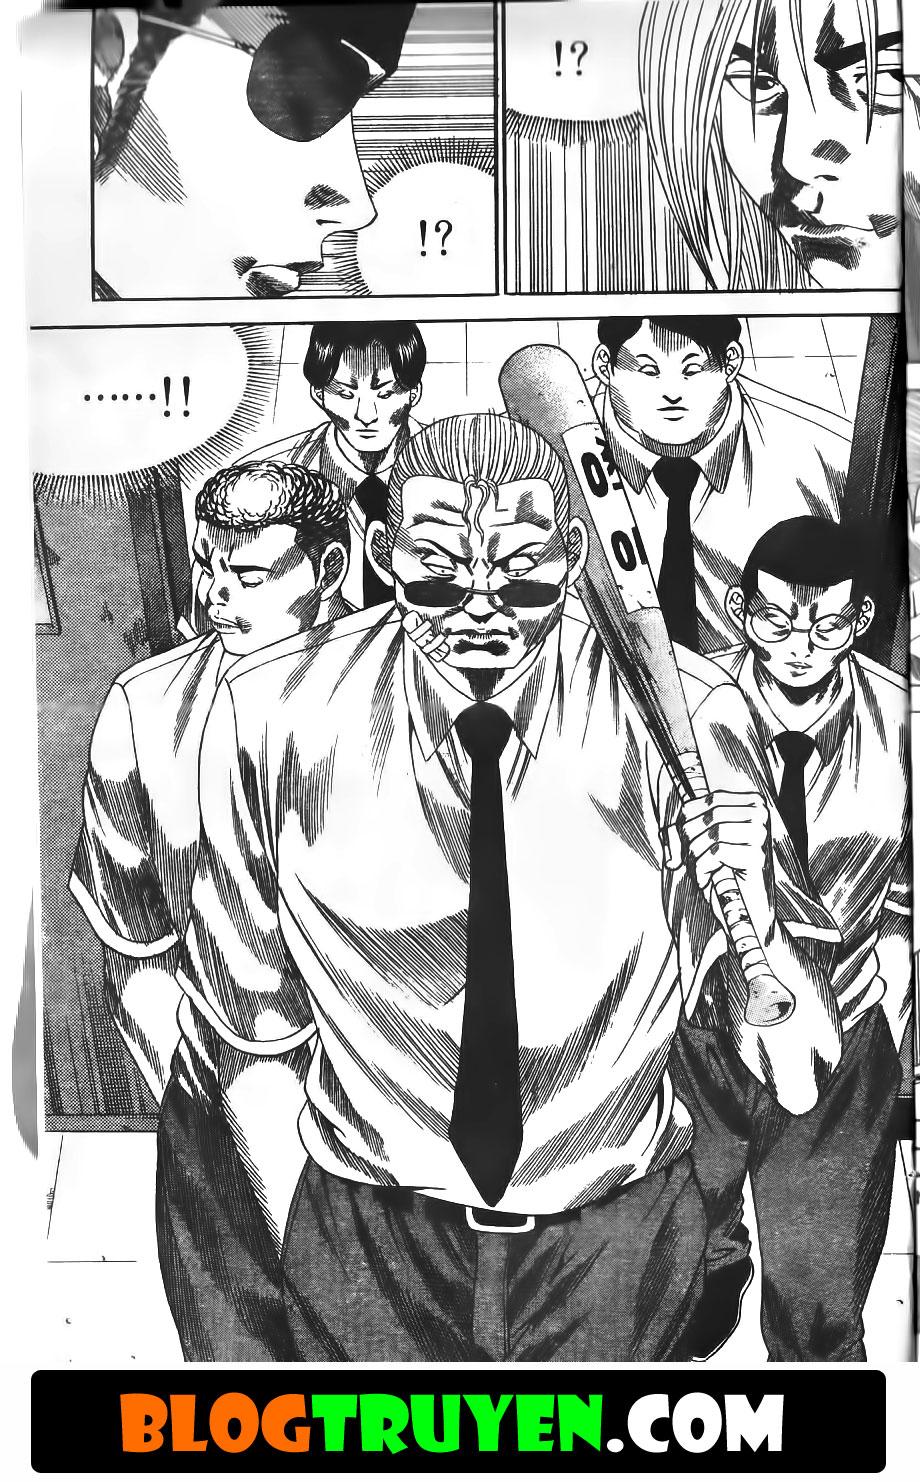 Bitagi - Anh chàng ngổ ngáo chap 145 trang 9